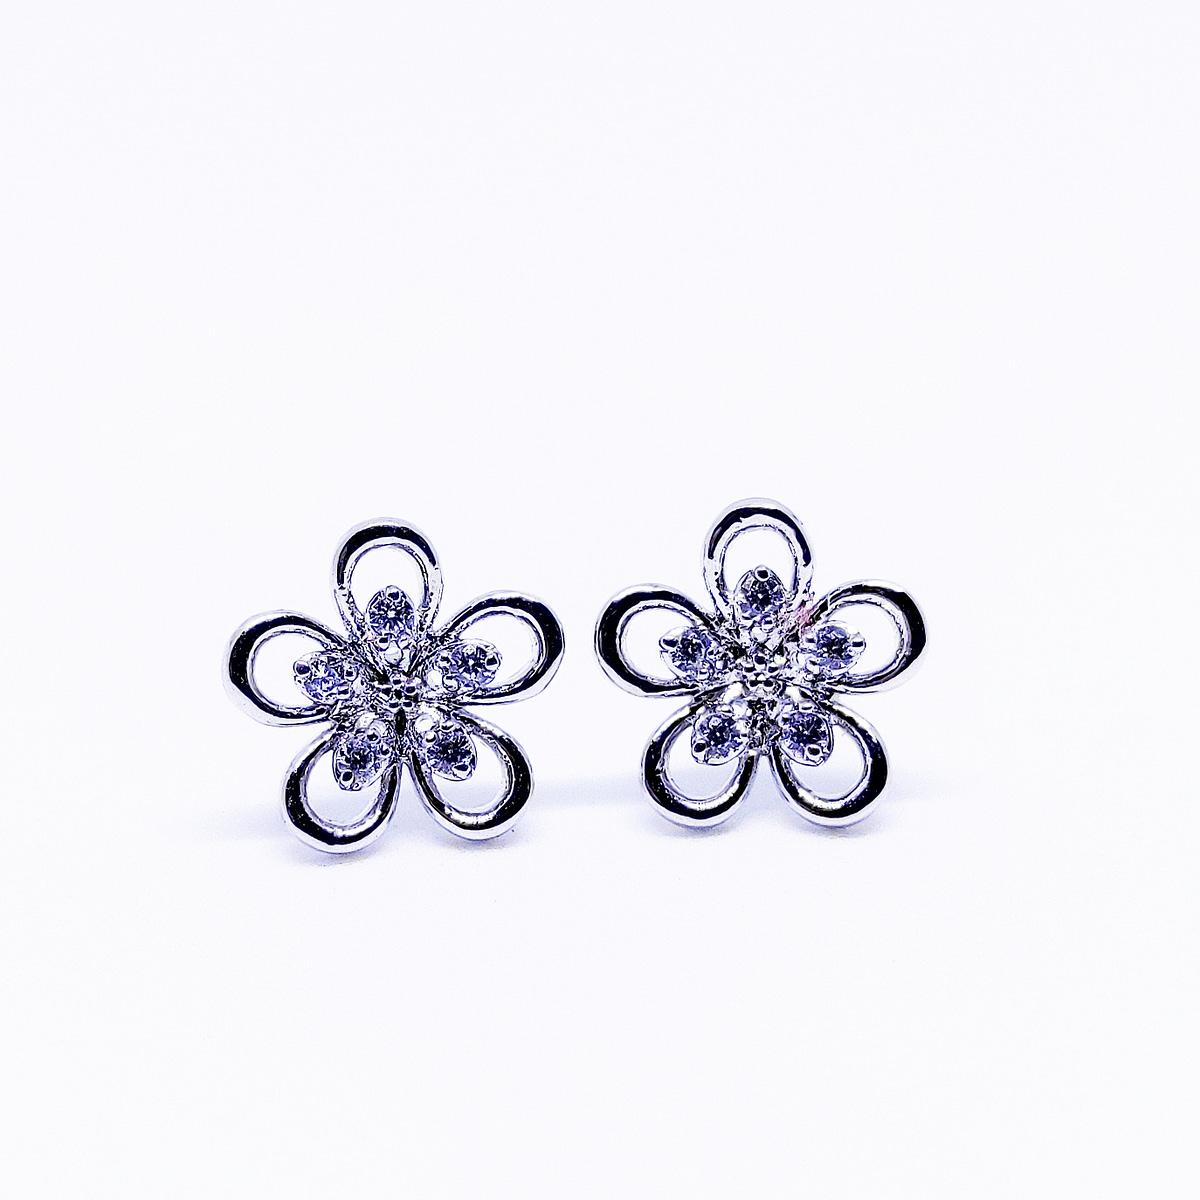 BLOSSOM - Flower Shaped Earrings - White